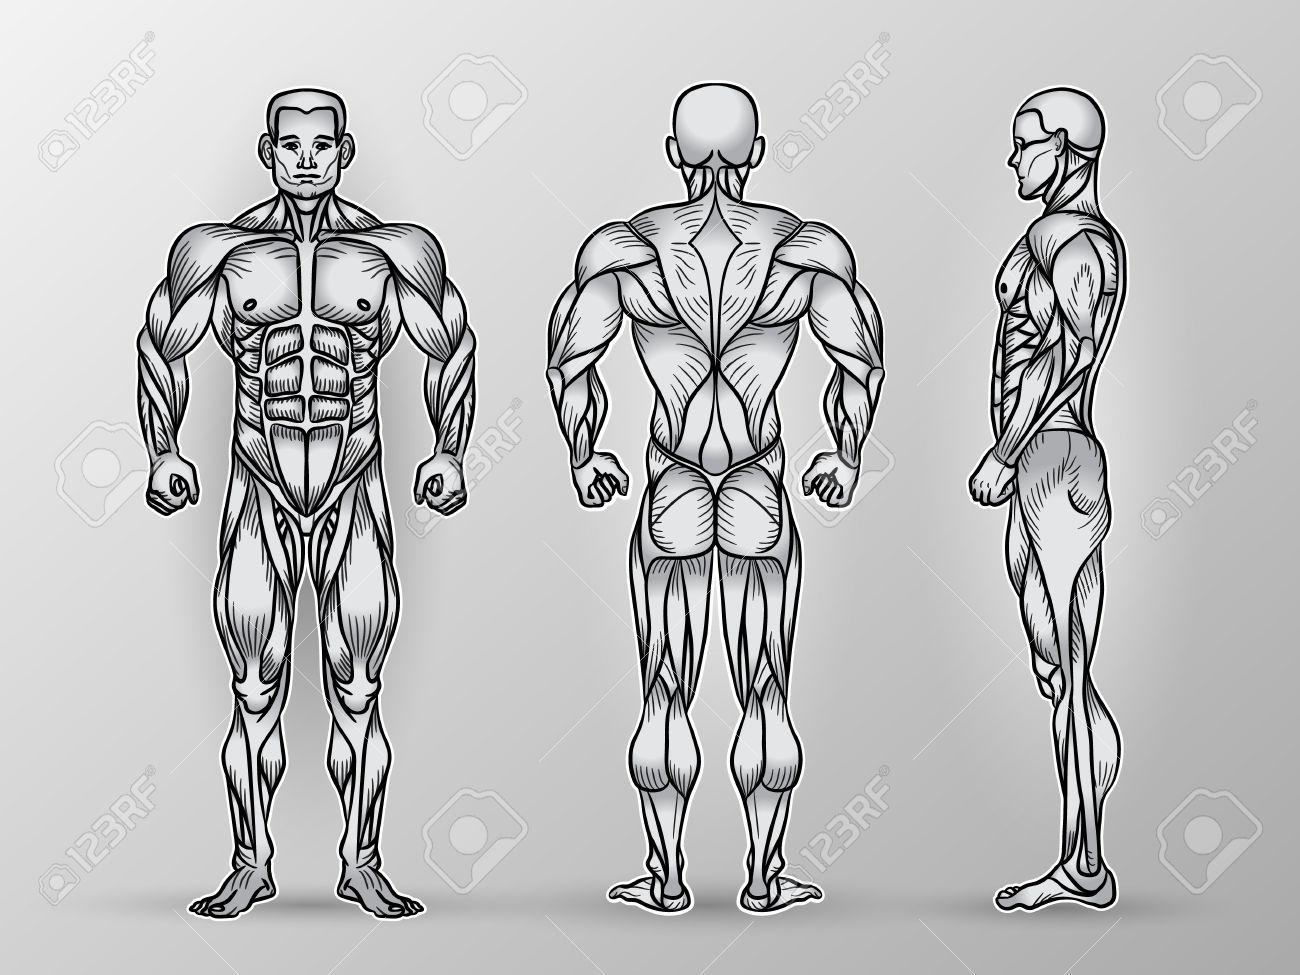 Anatomie Der Männlichen Muskelsystem, Bewegung Und Muskelführung ...